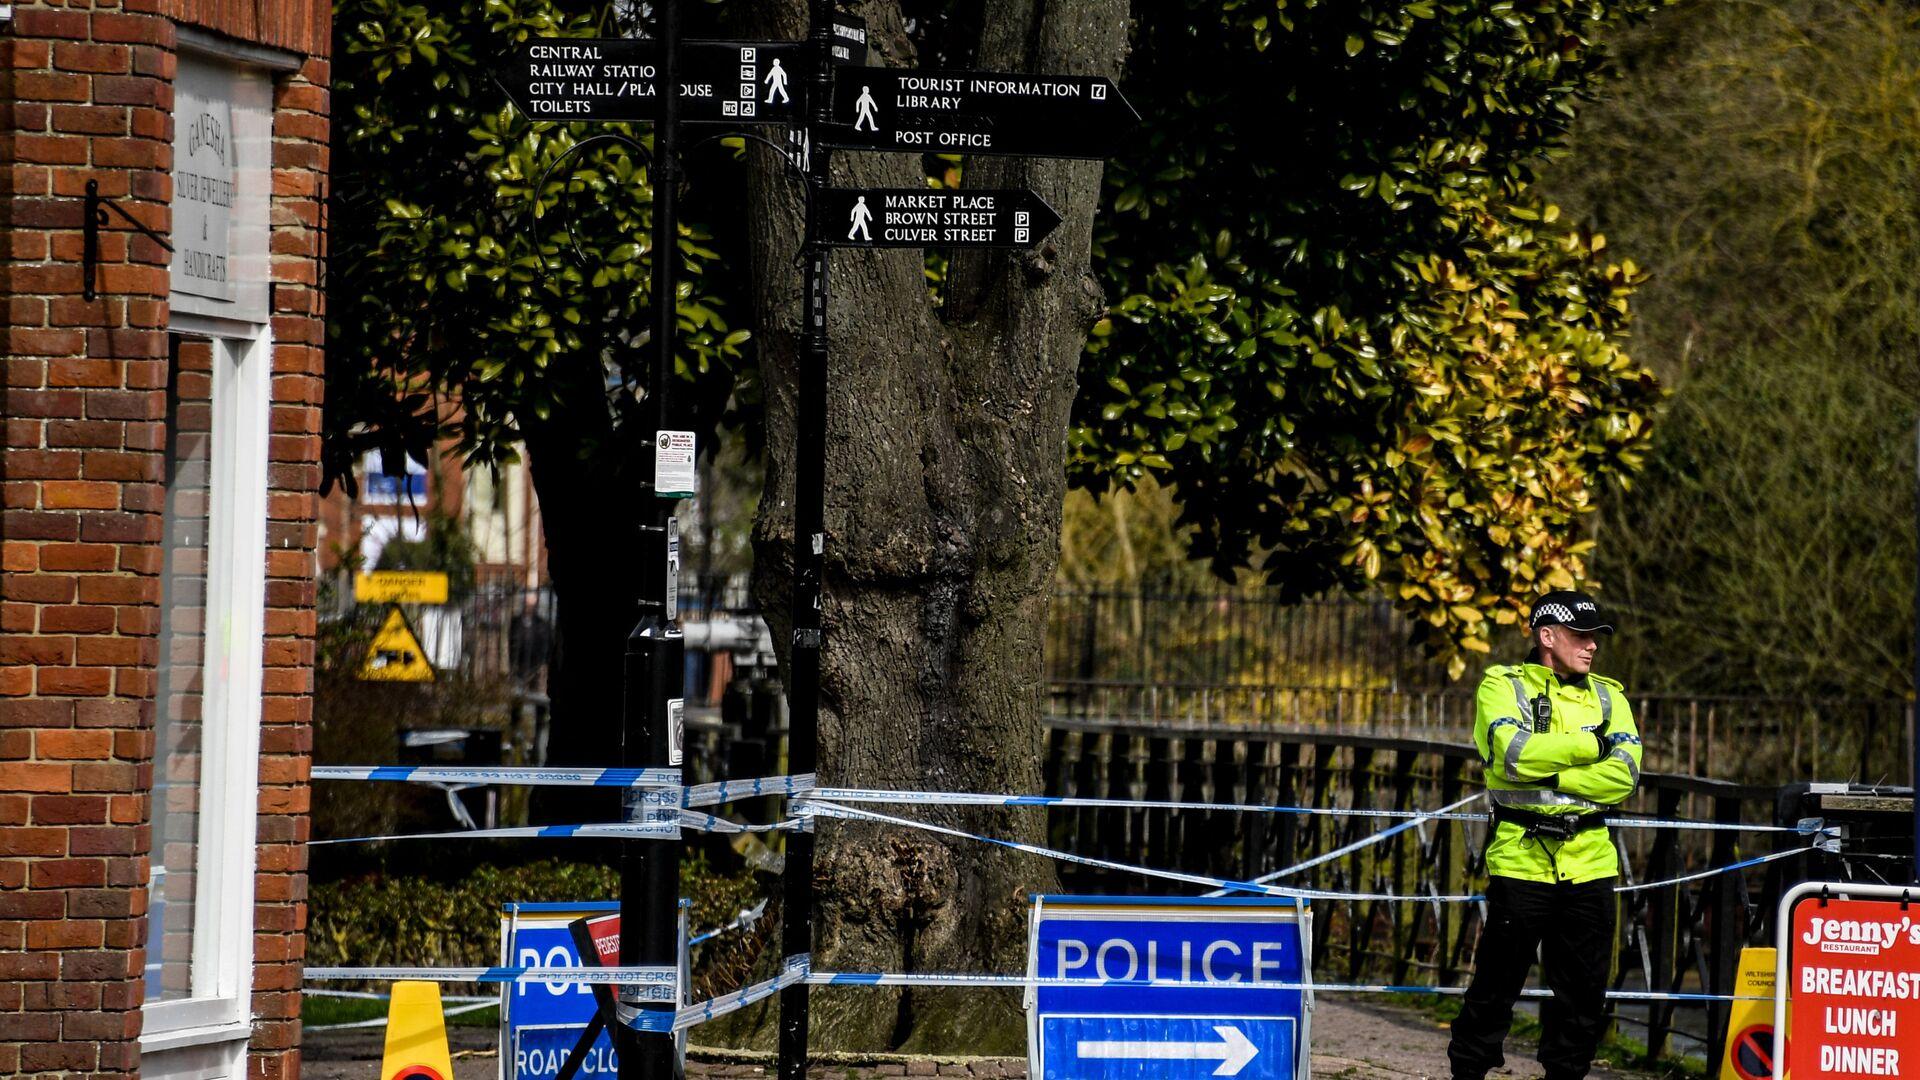 Ограждения, выставленные полицией города Солсбери, у входа в парк, где на скамейке были обнаружены Сергей Скрипаль и его дочь Юлия  - РИА Новости, 1920, 21.09.2021